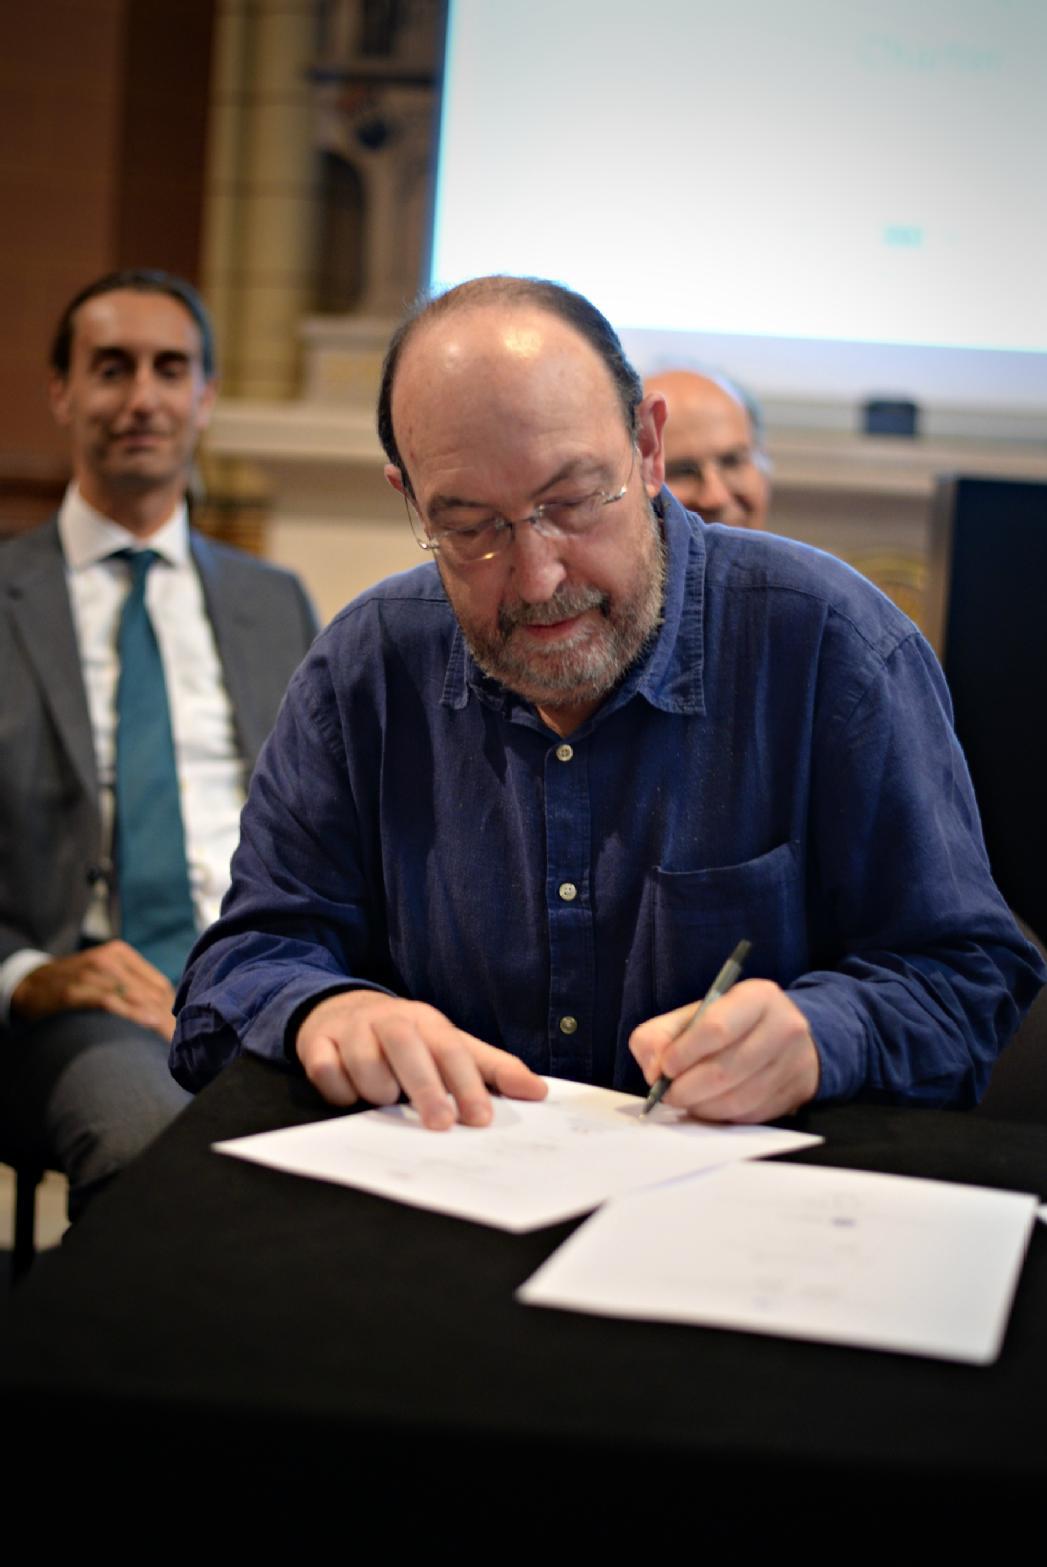 sam signing